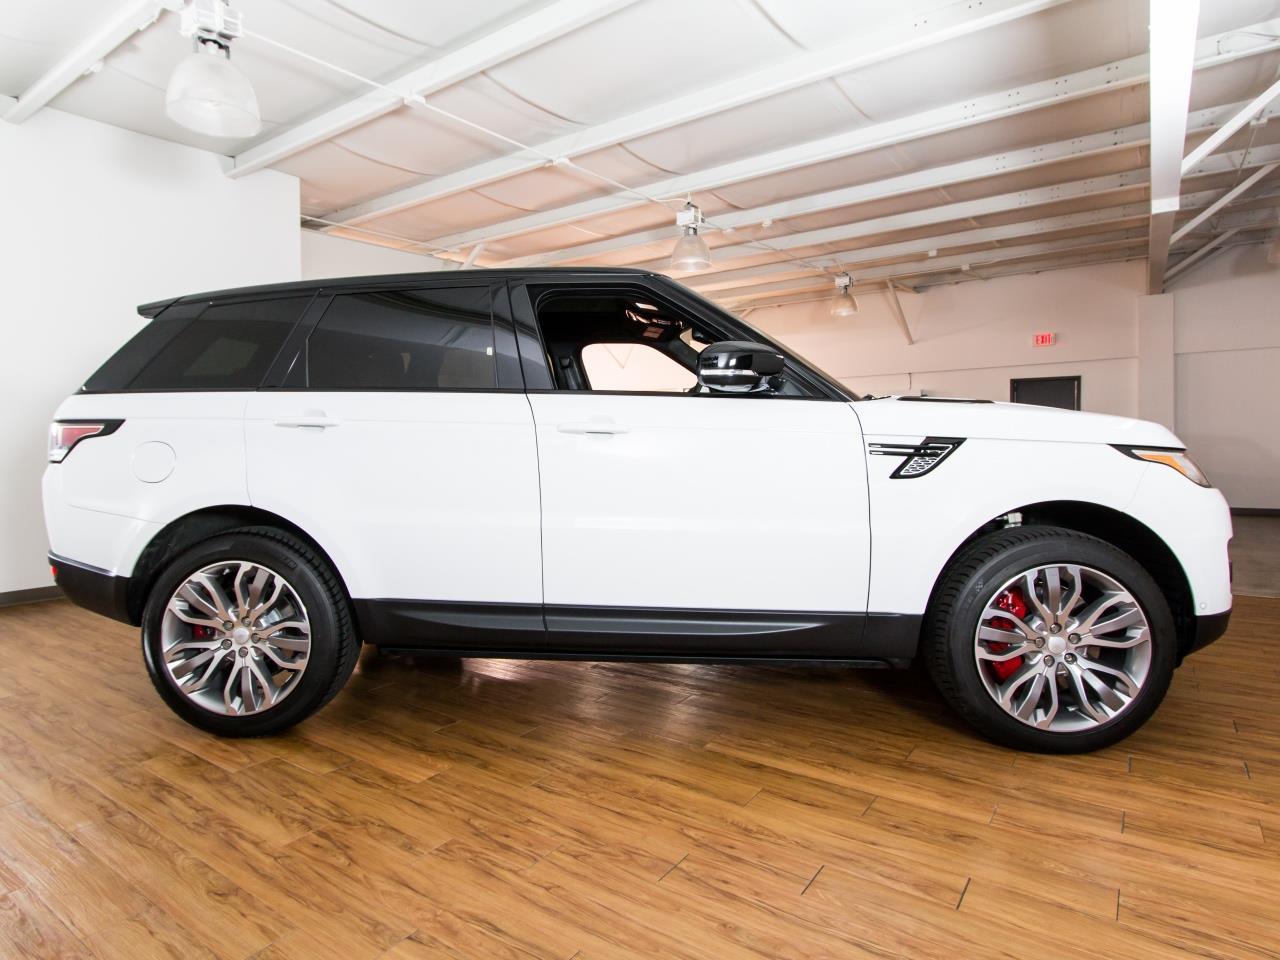 2016 land rover range rover sport supercharged. Black Bedroom Furniture Sets. Home Design Ideas